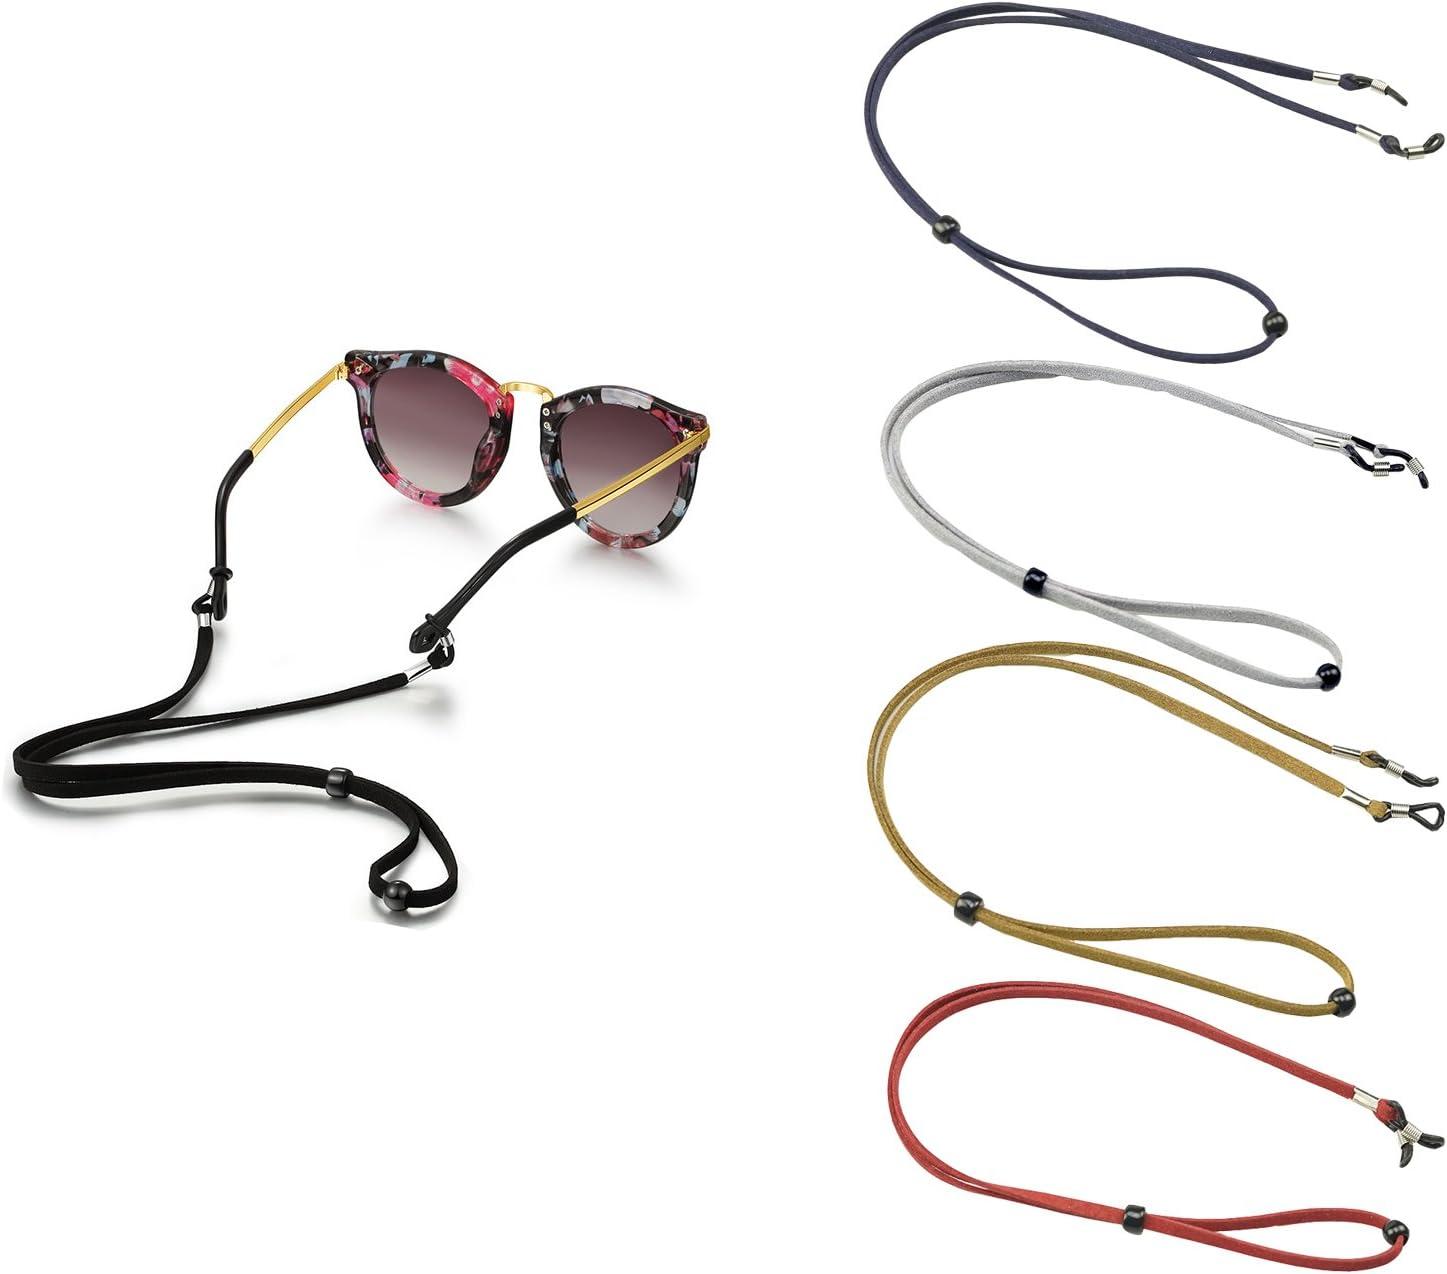 Behr Nylon Umhängeband Polbrillen Brillen Band Brillenband Bändchen 66 cm NEU